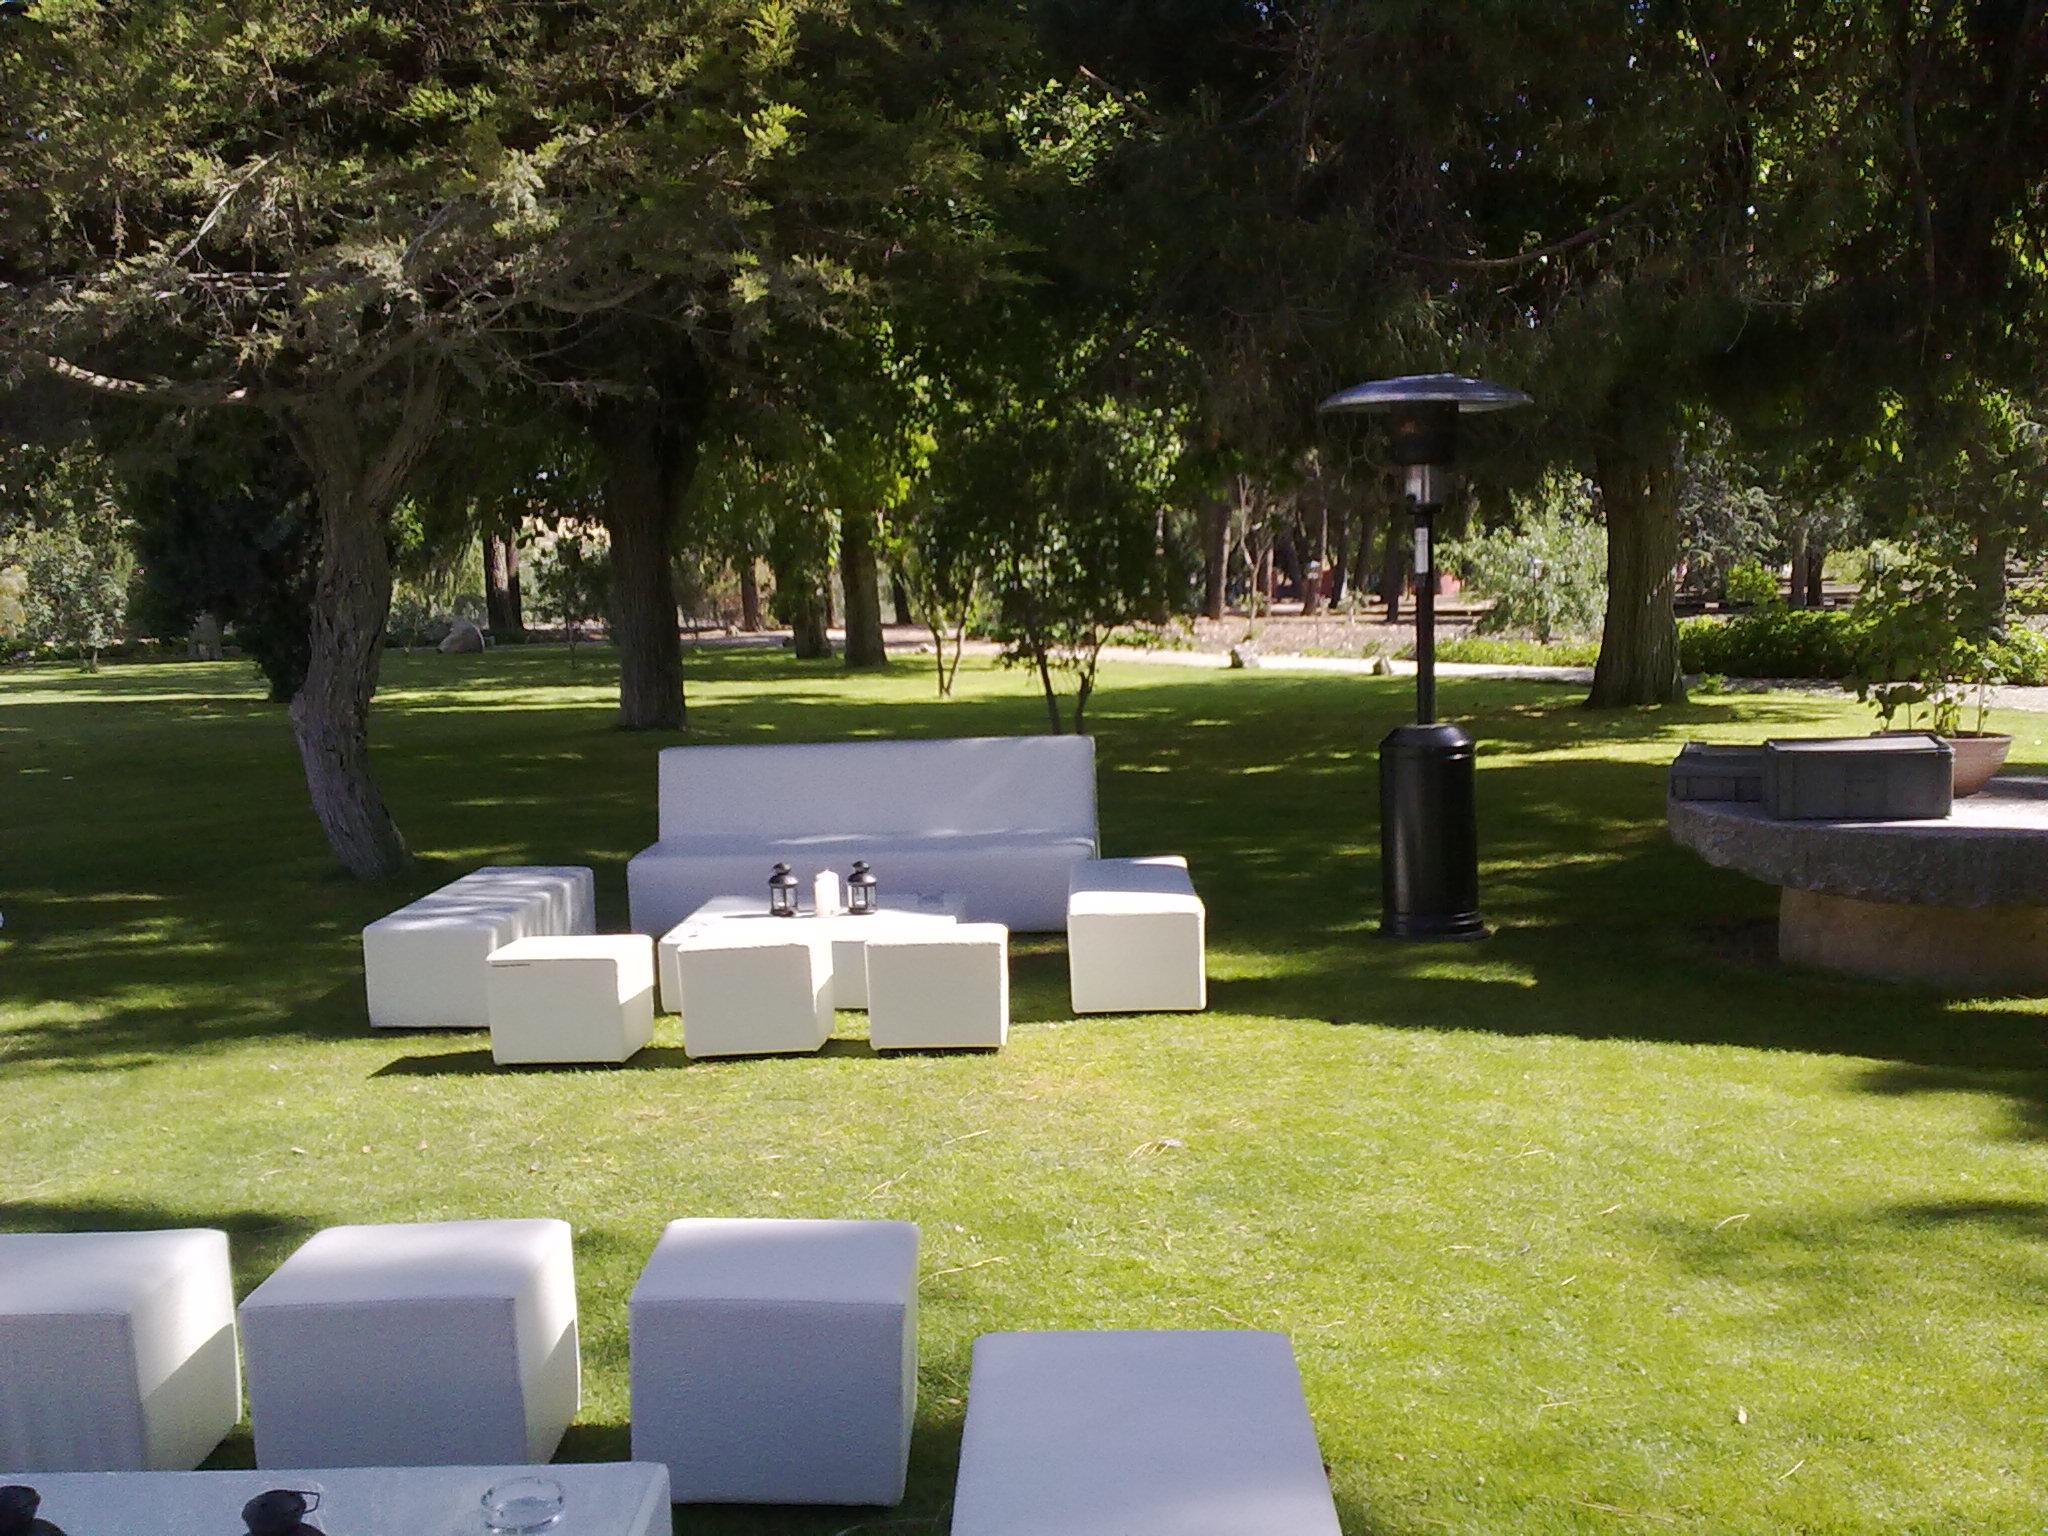 Fotos mobiliario espacios chill out alquiler de mobiliario - Espacios chill out ...